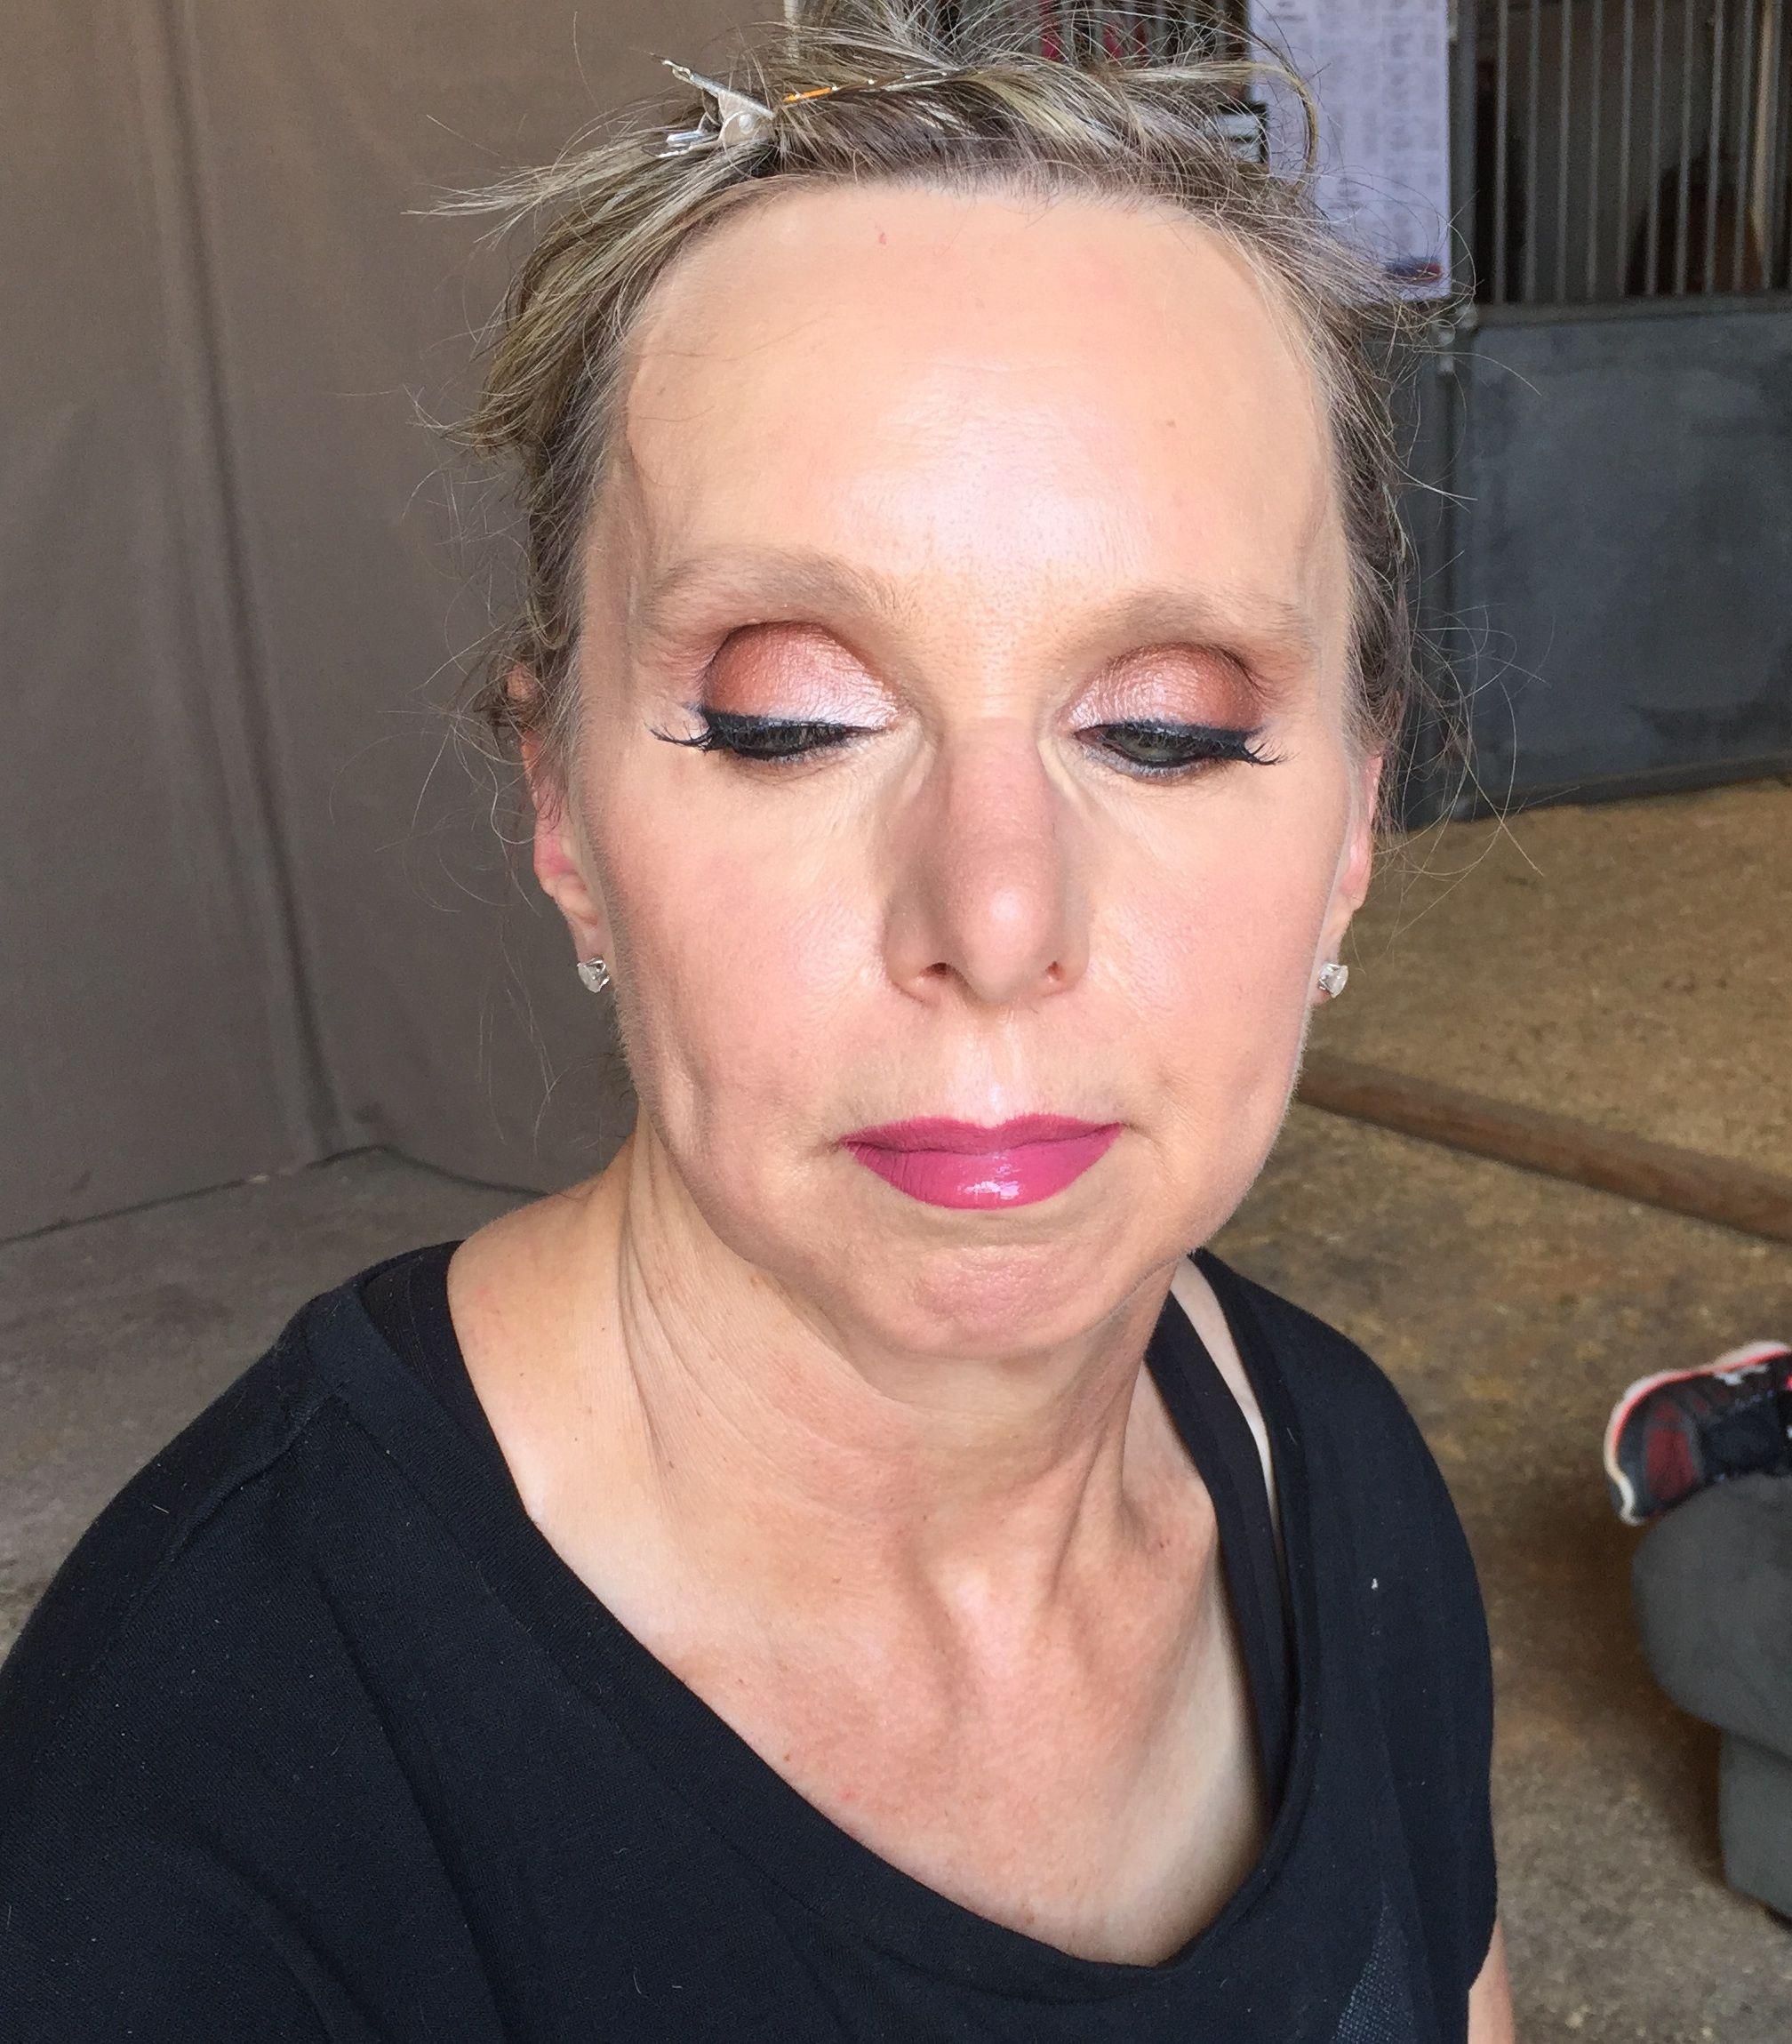 Older lipsporn